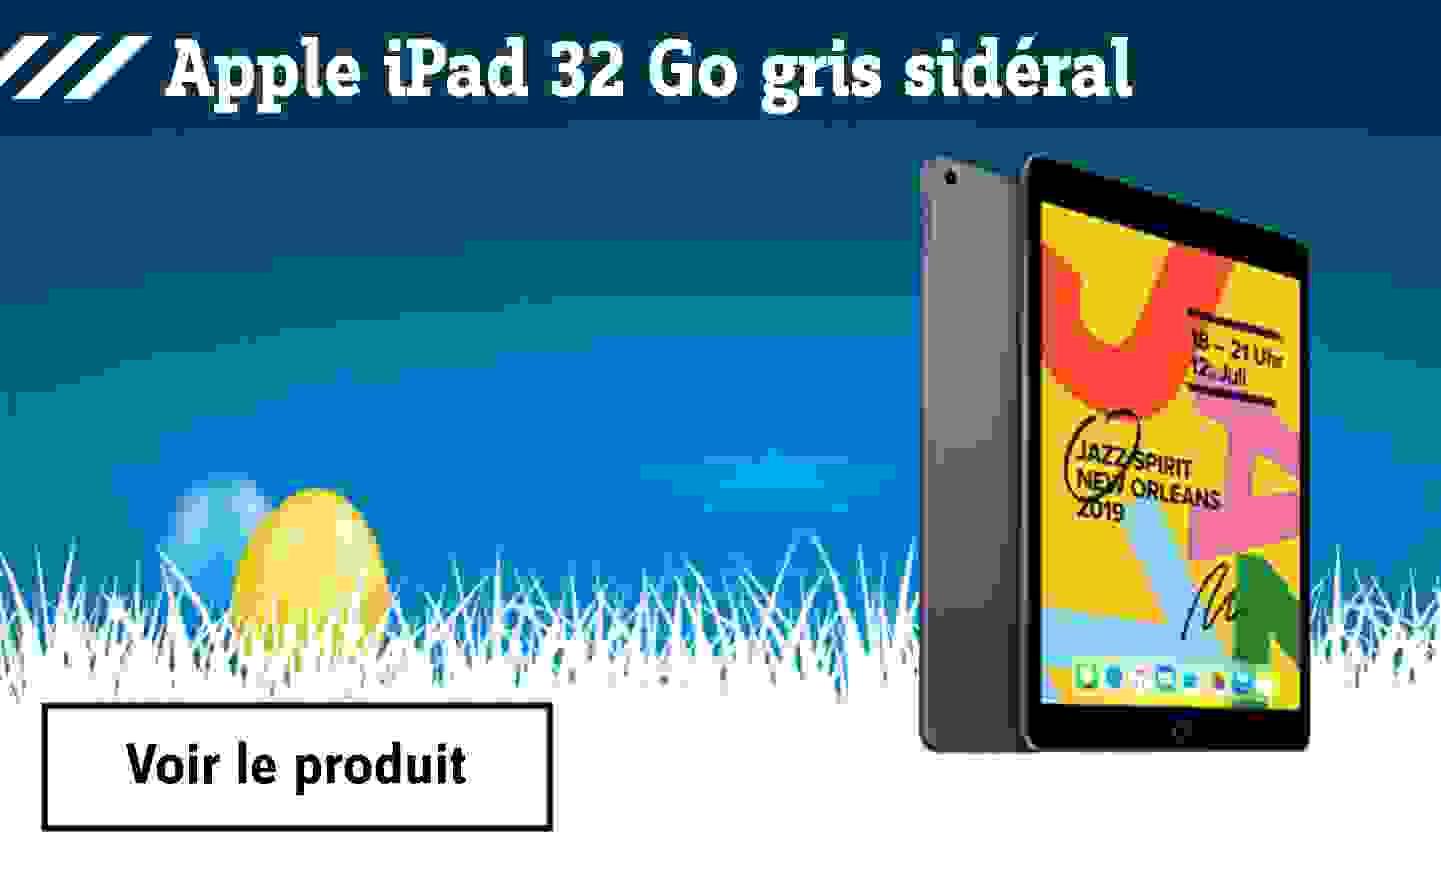 Pâques - Apple iPad 32 Go gris sidéral